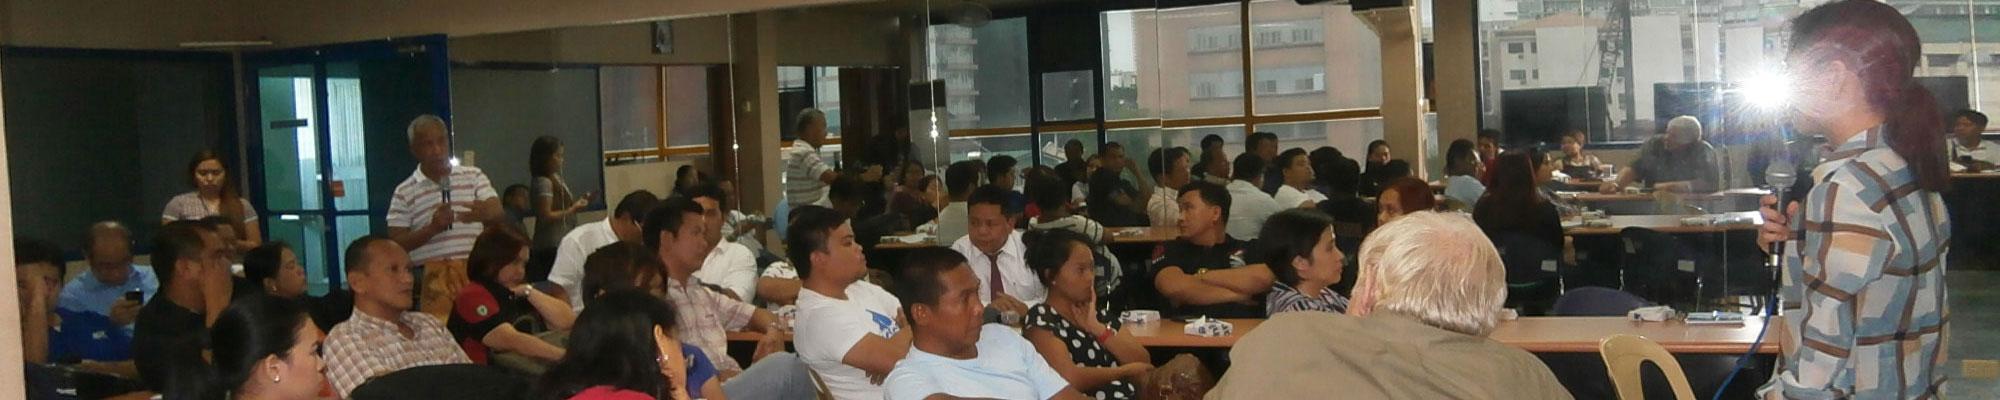 NCR-CITC meeting